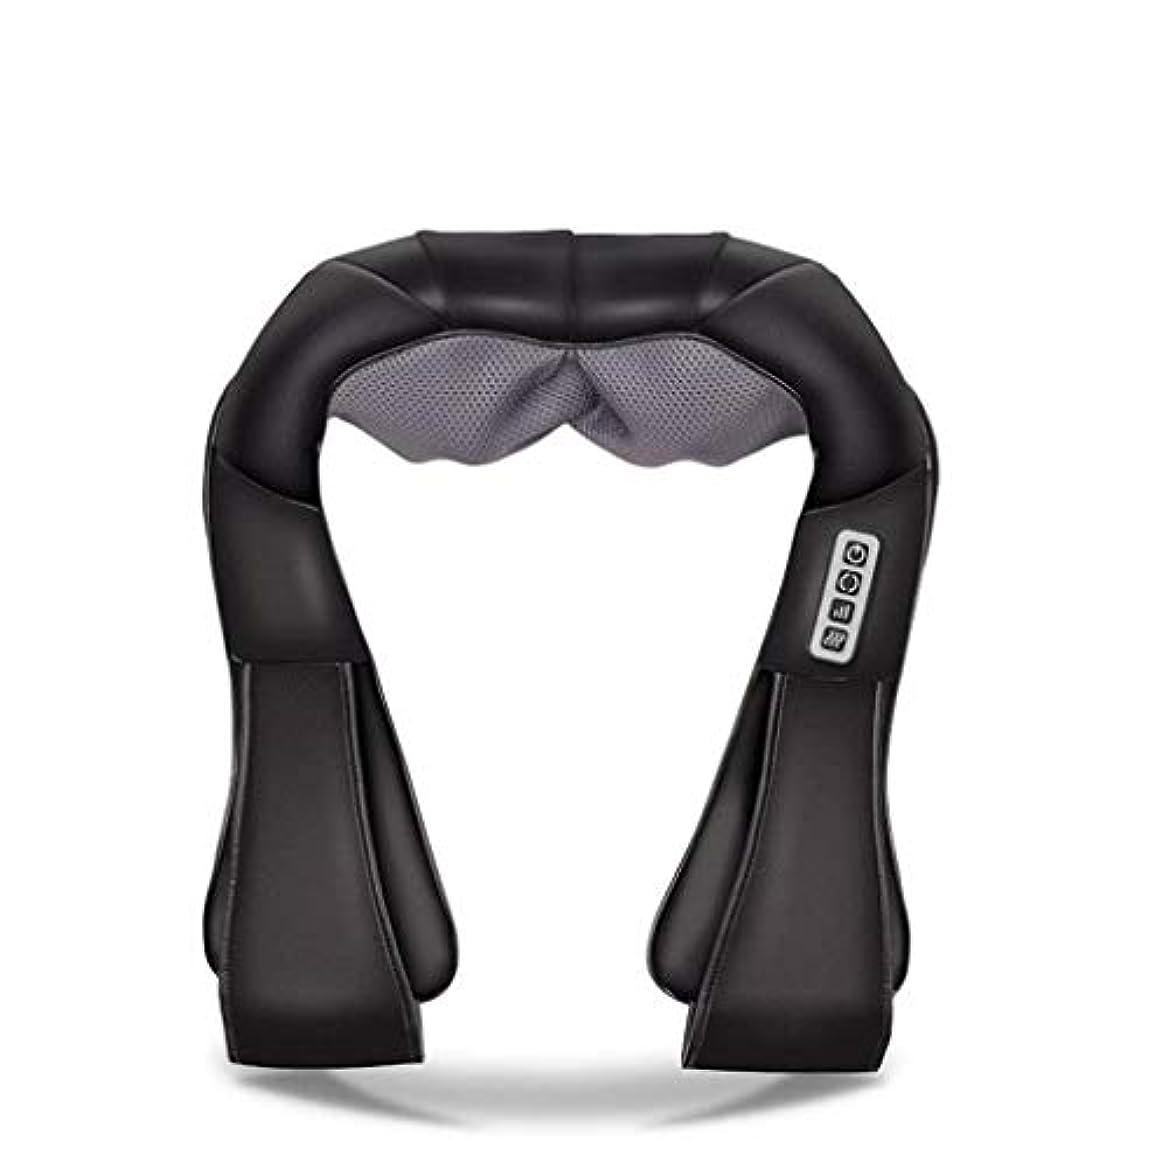 取り囲む安らぎ批判首、背中、肩、腰、足、足に適した筋肉痛と圧力を和らげるための首マッサージ器、電動マッサージ器、加熱ディープバックマッサージ器